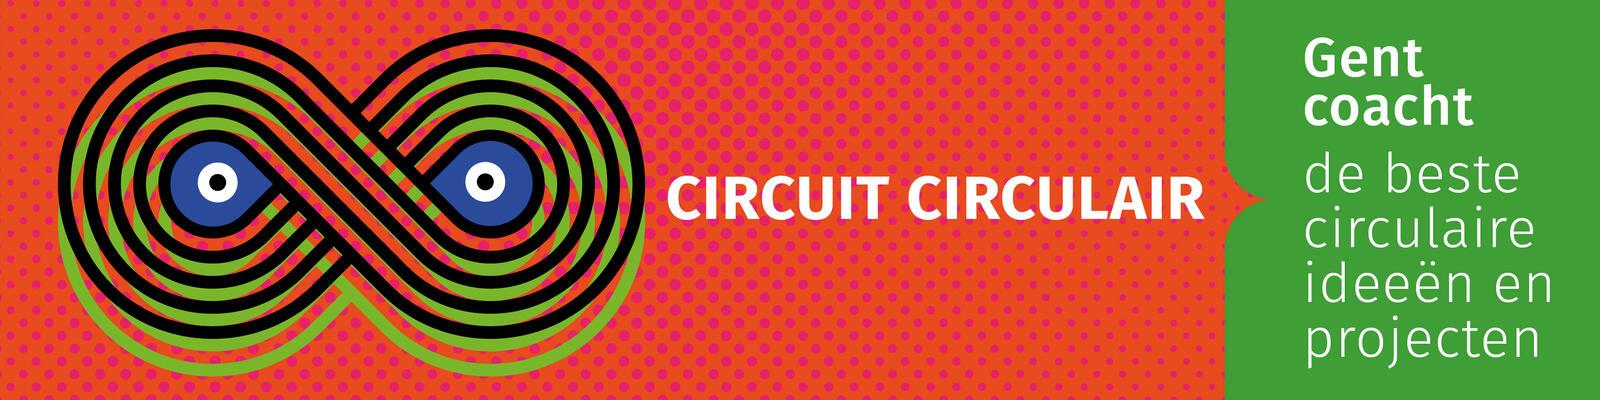 Circuit circulair banner